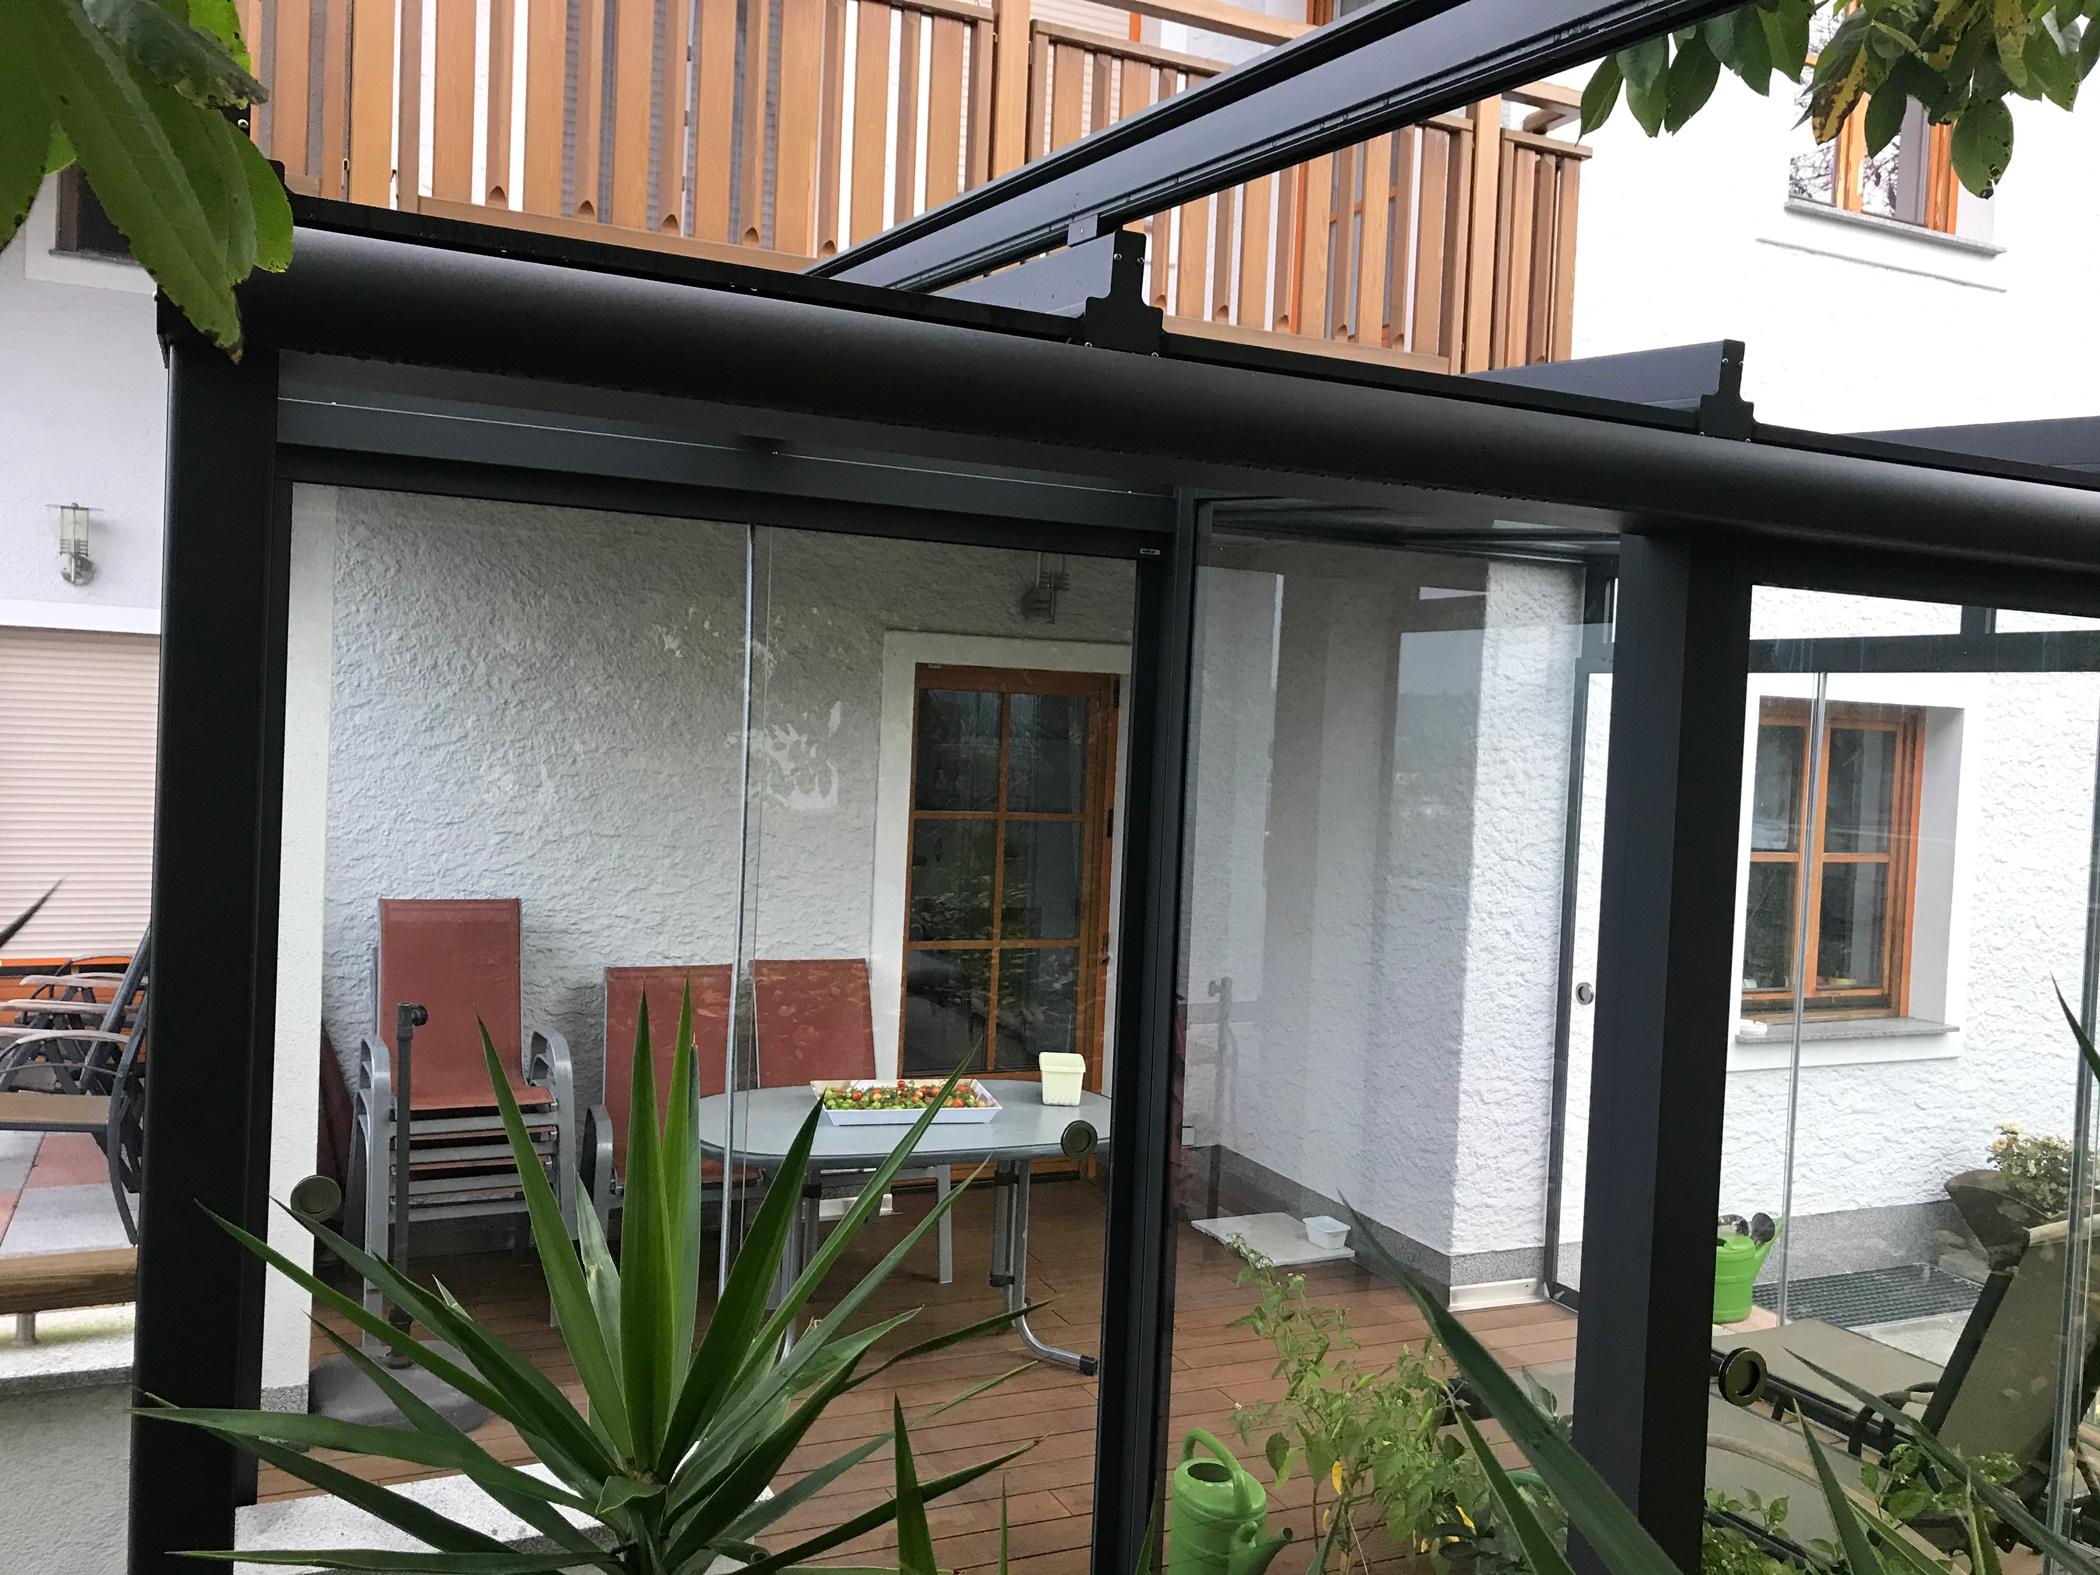 Wintergarten mit Glasdach, Glasschiebewänden und Beschattung